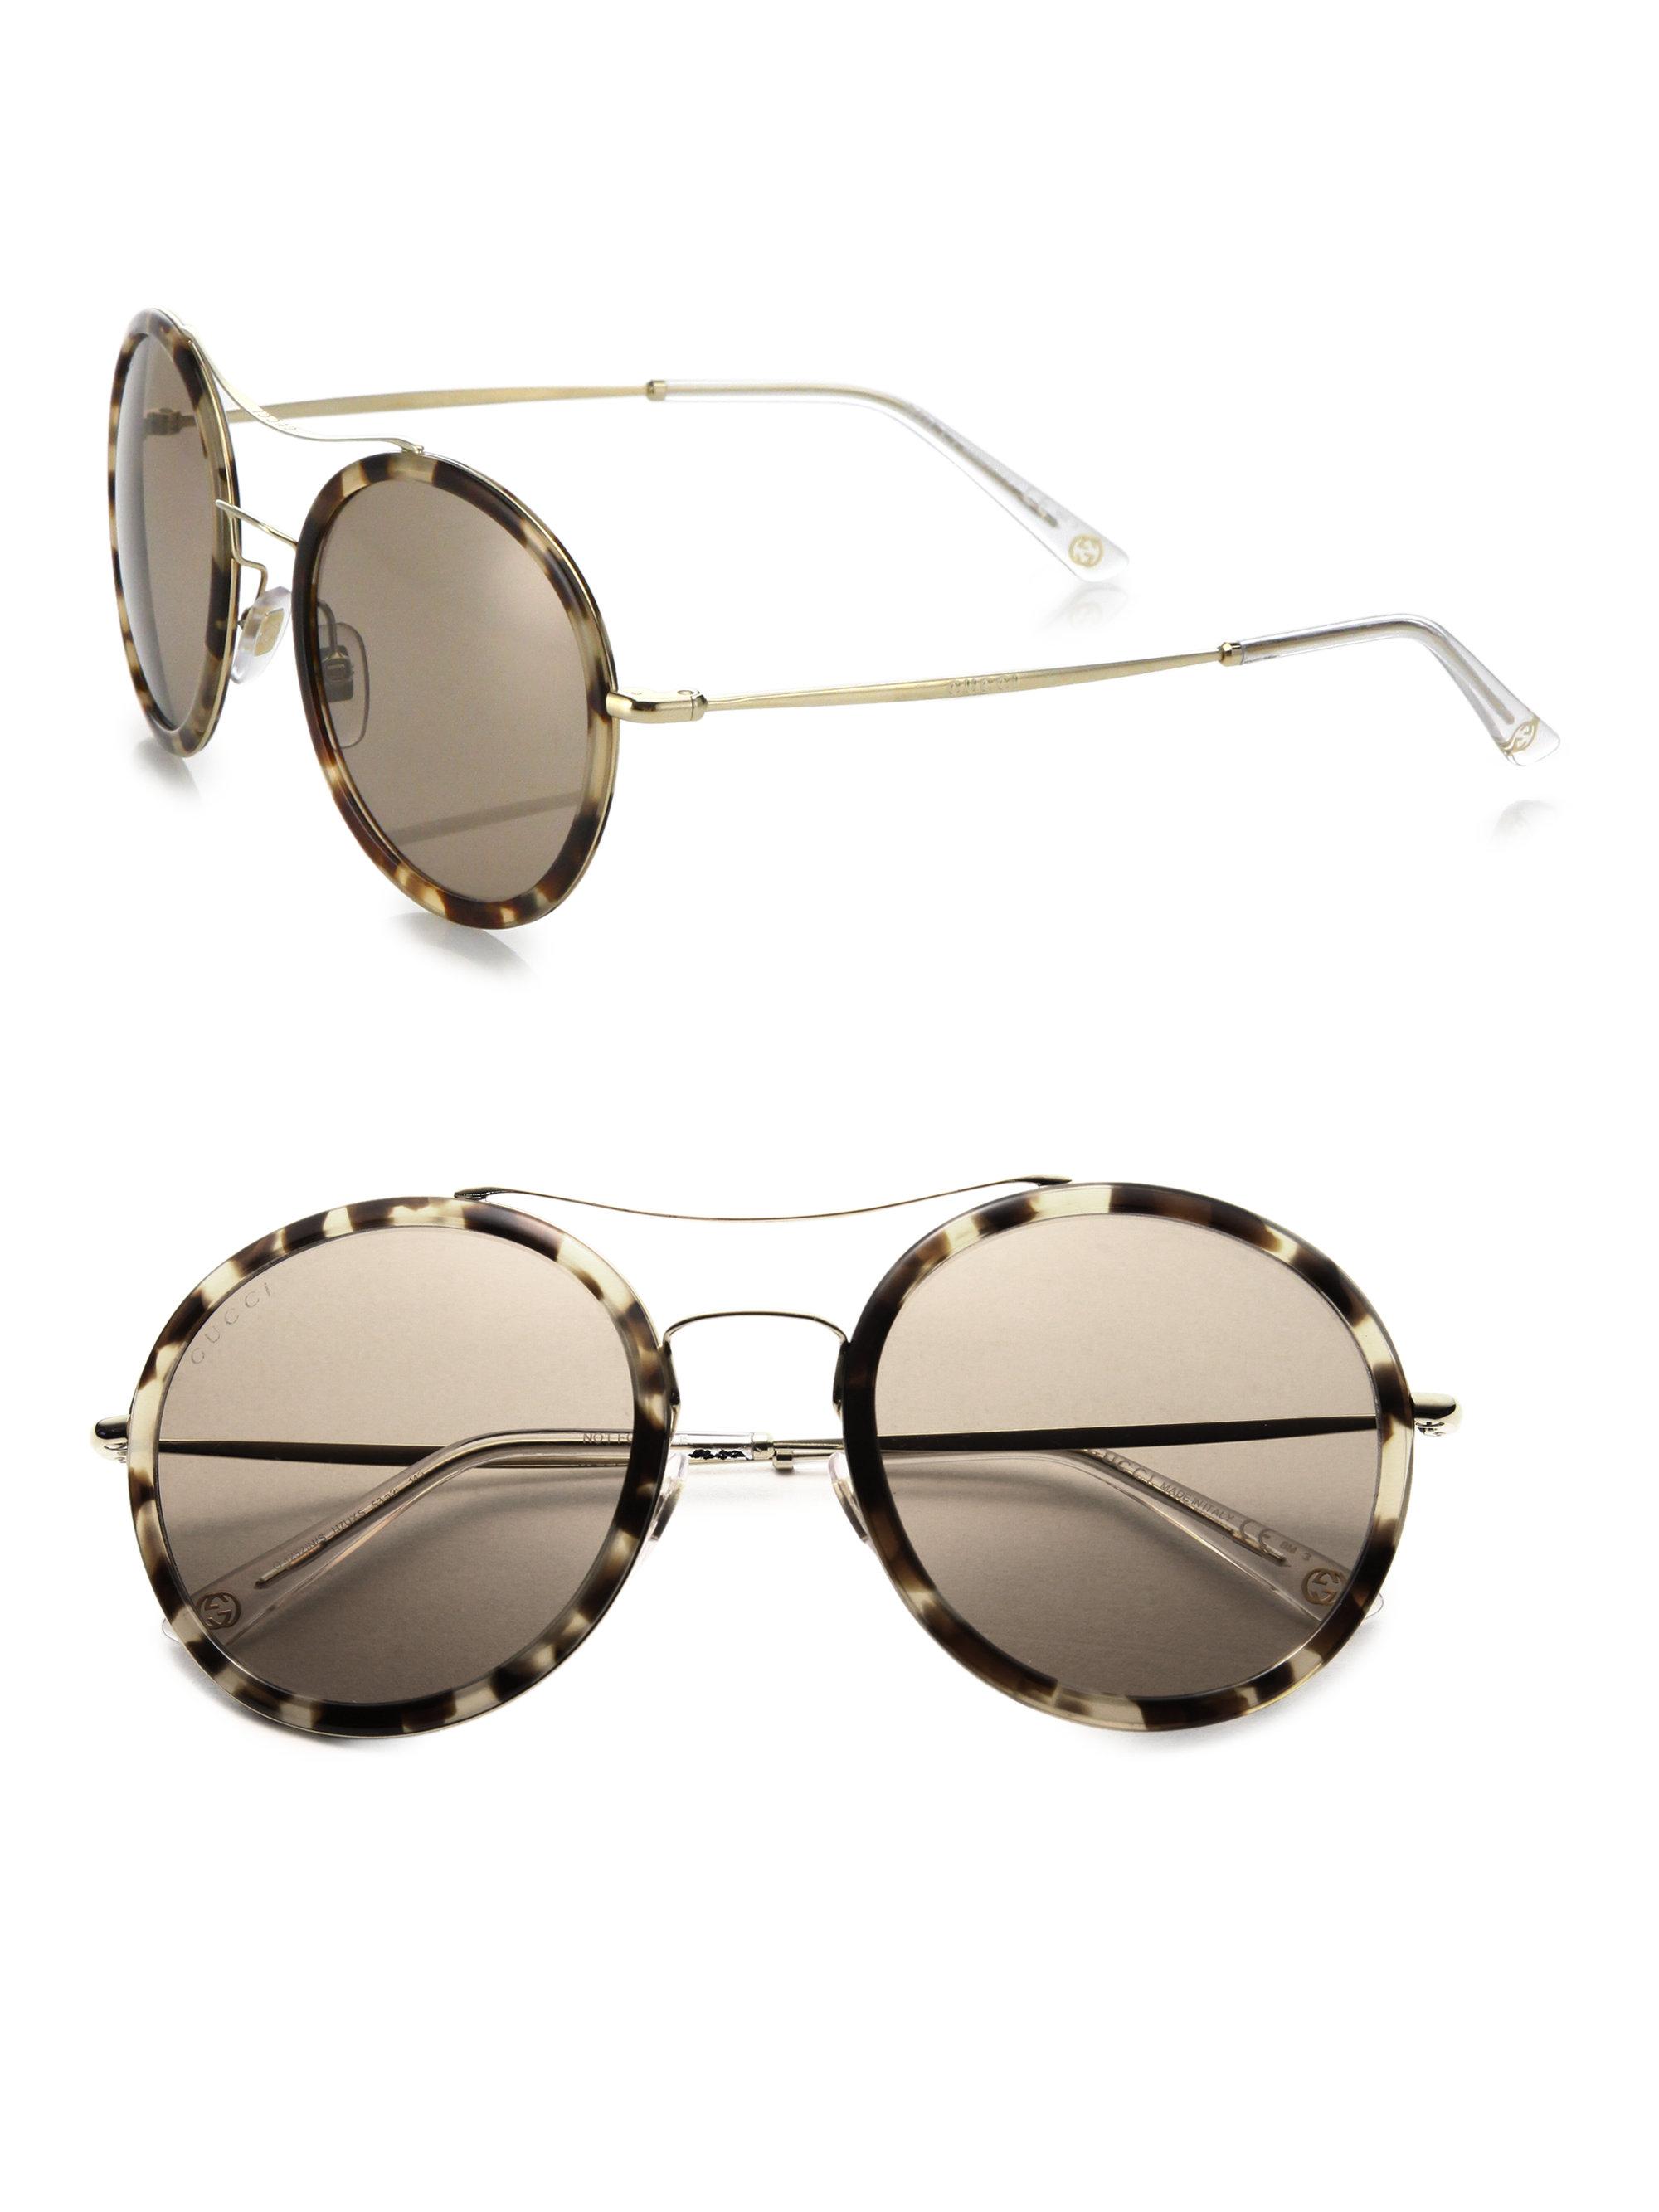 Round Gucci Sunglasses  gucci 53mm round sunglasses in metallic lyst